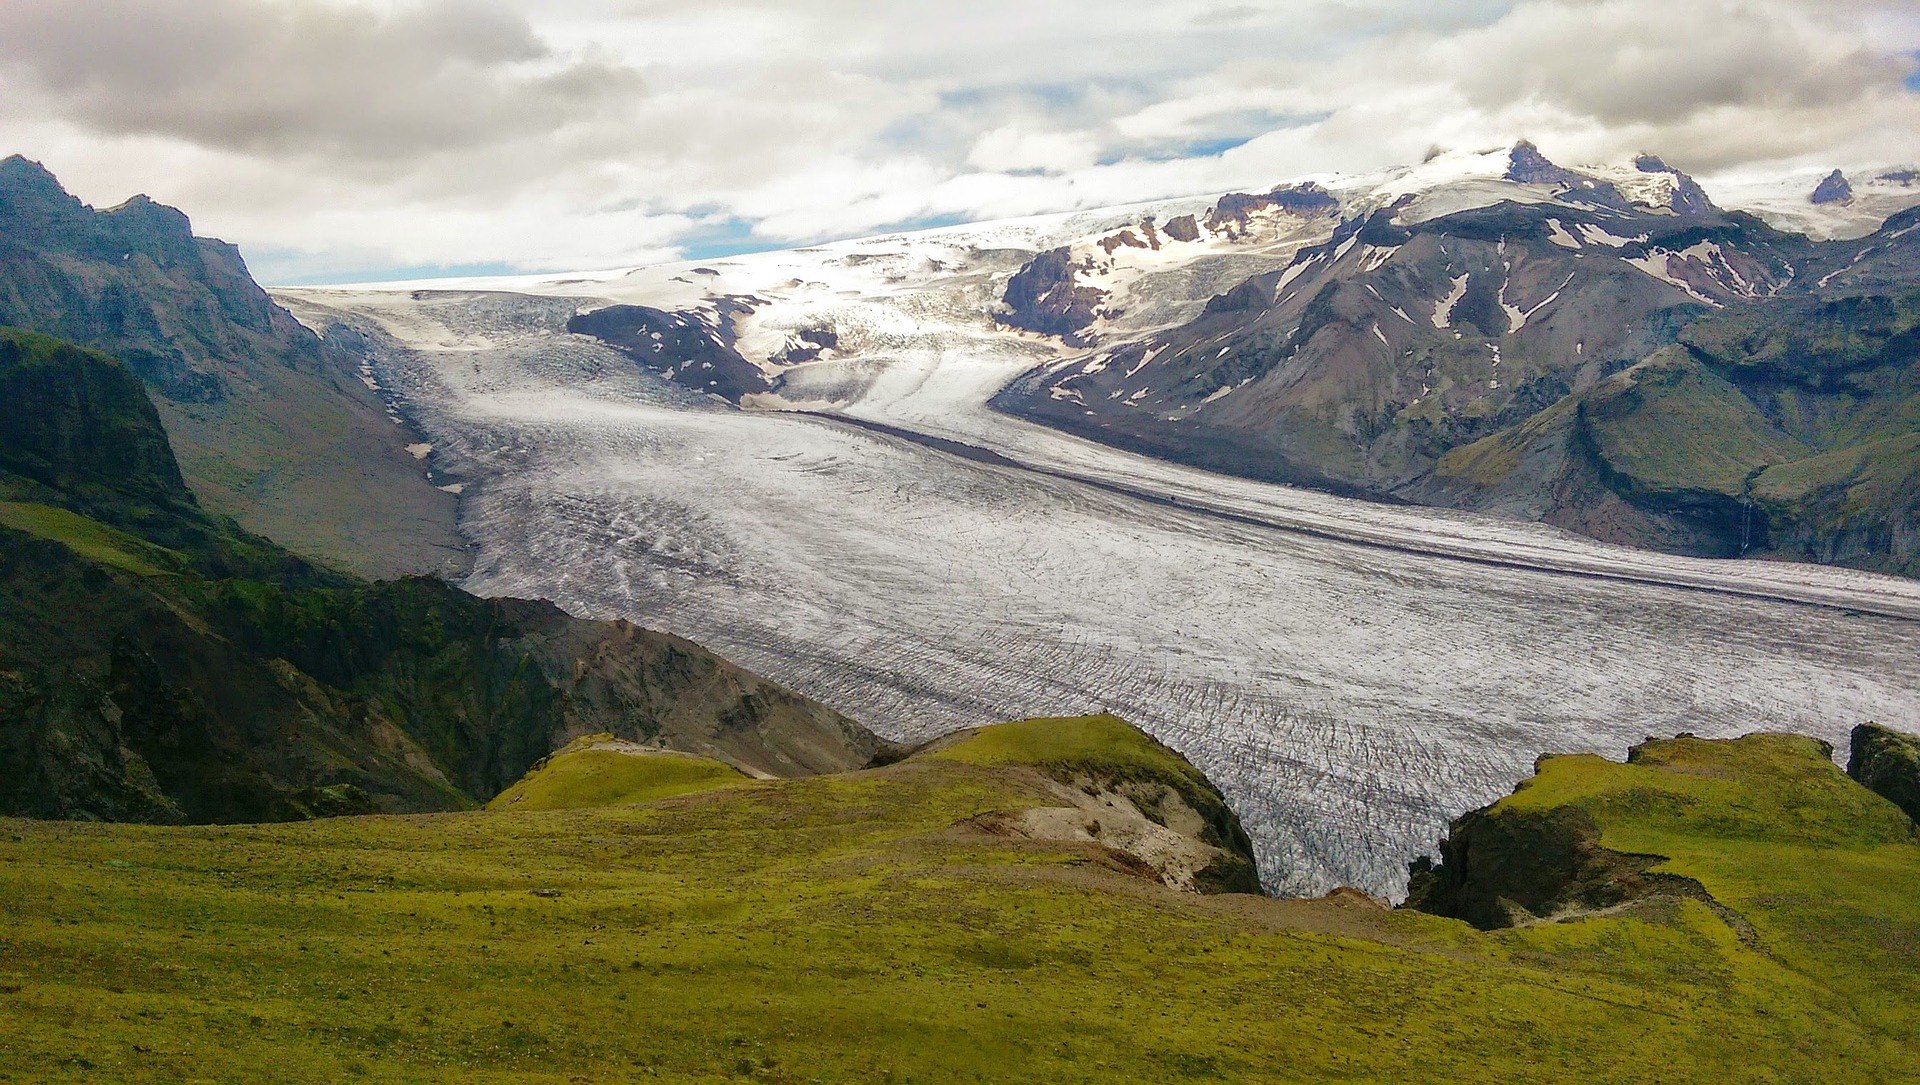 glacier-667225_1920